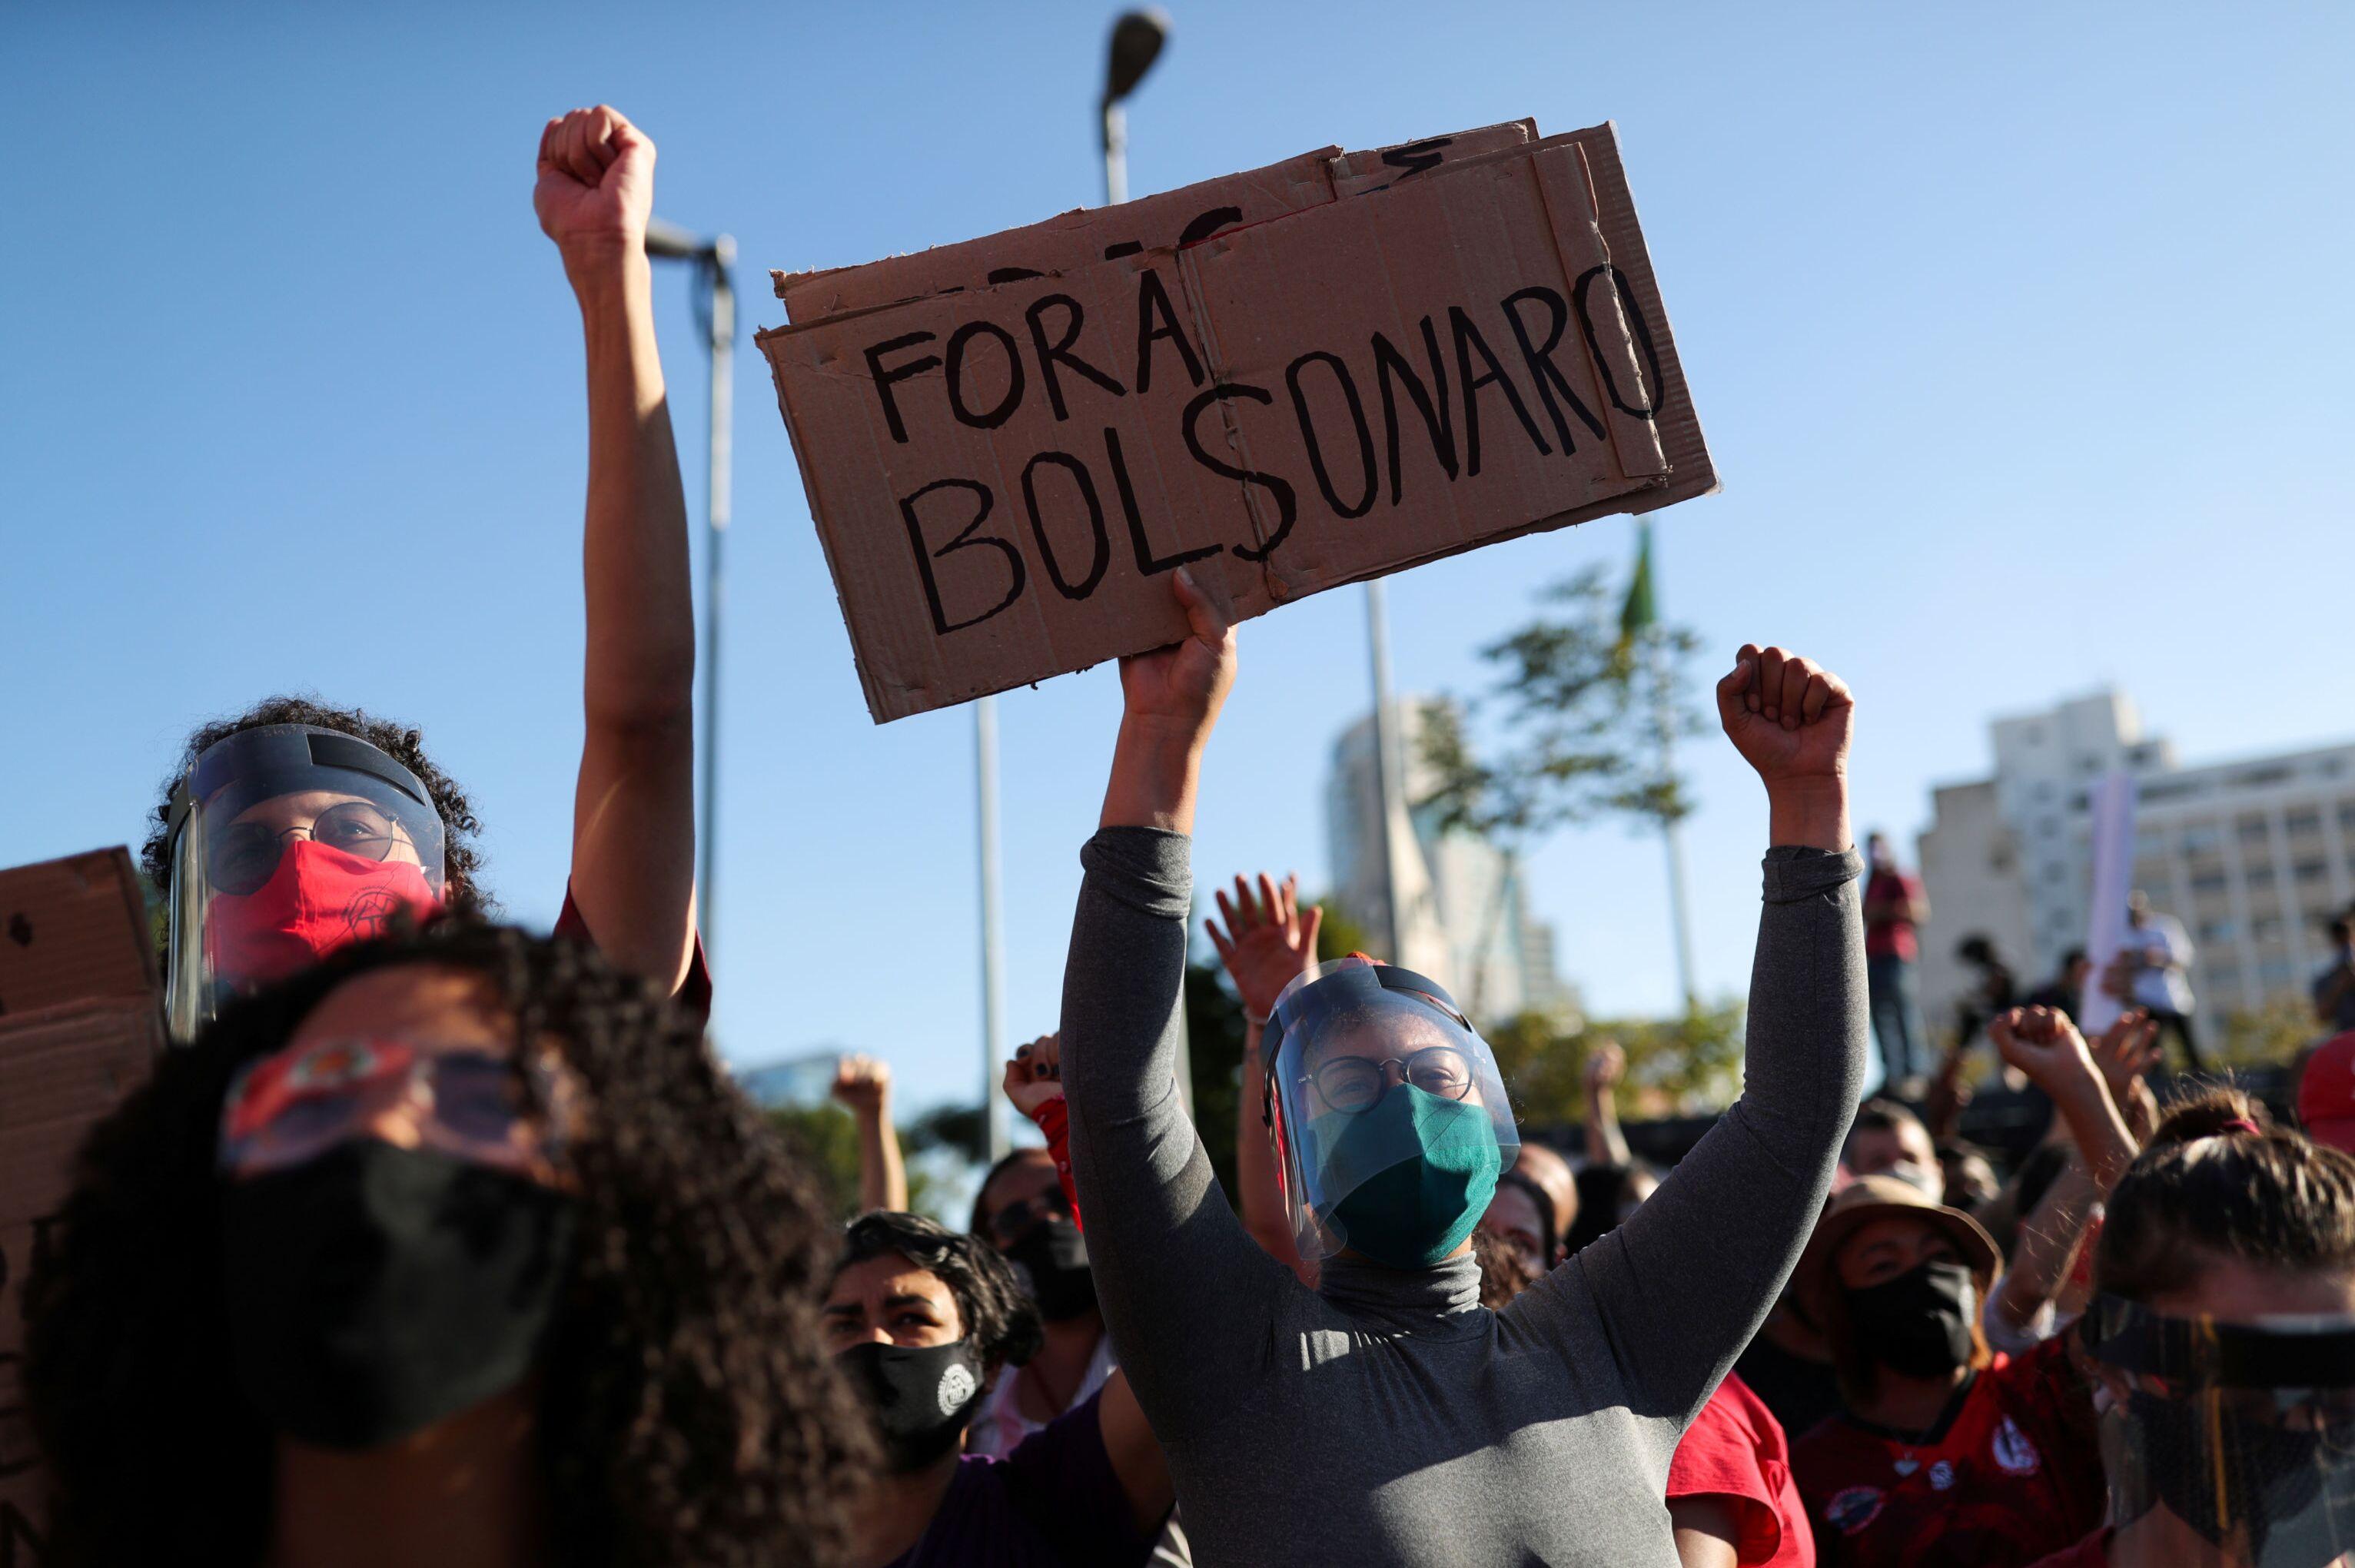 Em São Paulo, manifestantes protestam contra o governo do presidente brasileiro Jair Bolsonaro, em 7 de junho de 2020.